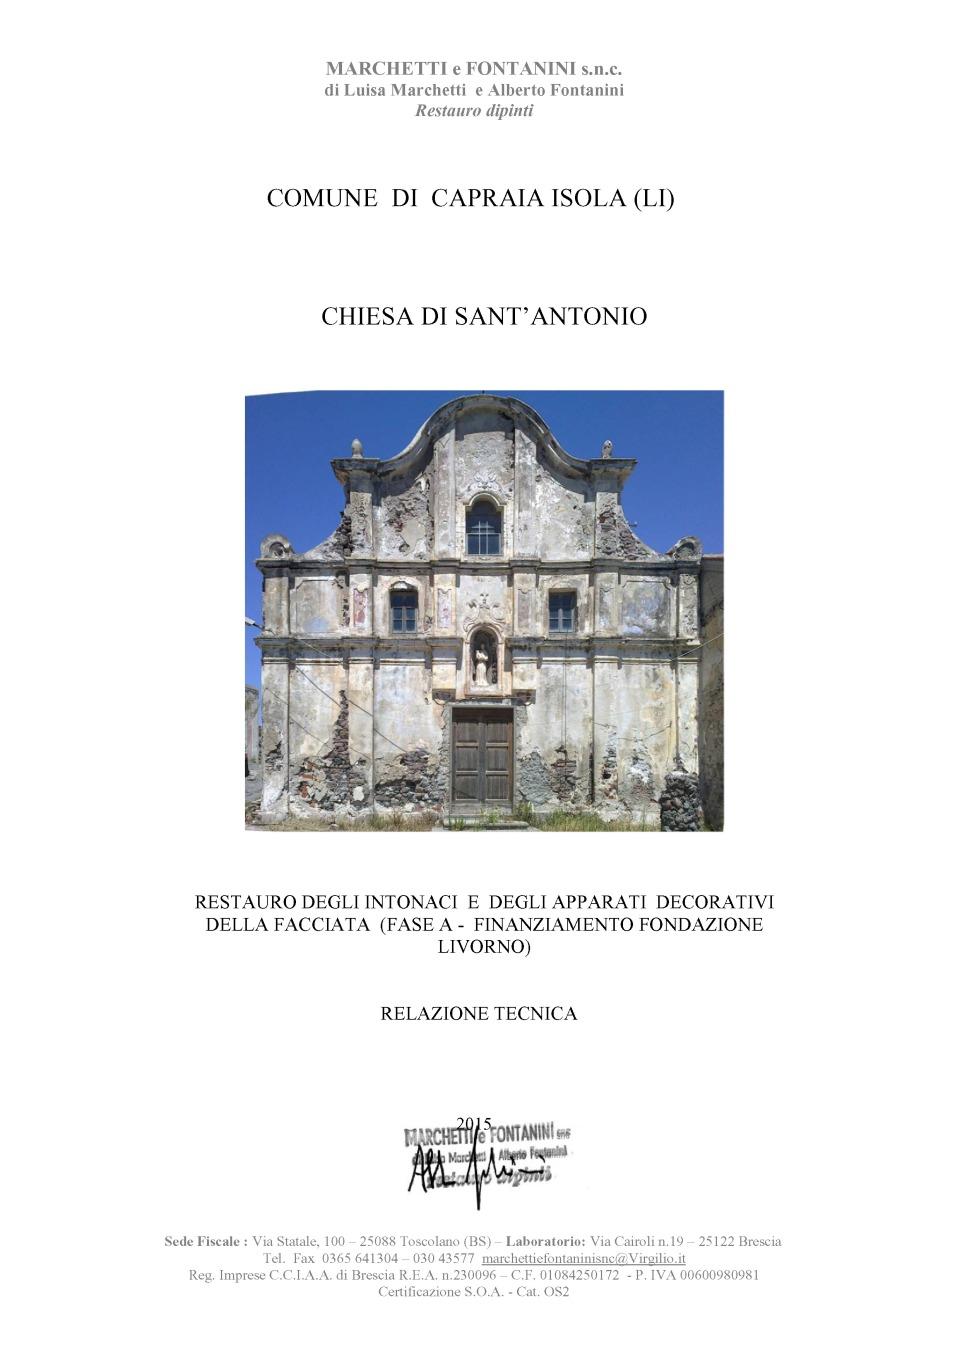 Capraia Isola Facciata S Antonio Relazione finale I Fase Lavori(2) (1)_Page_01